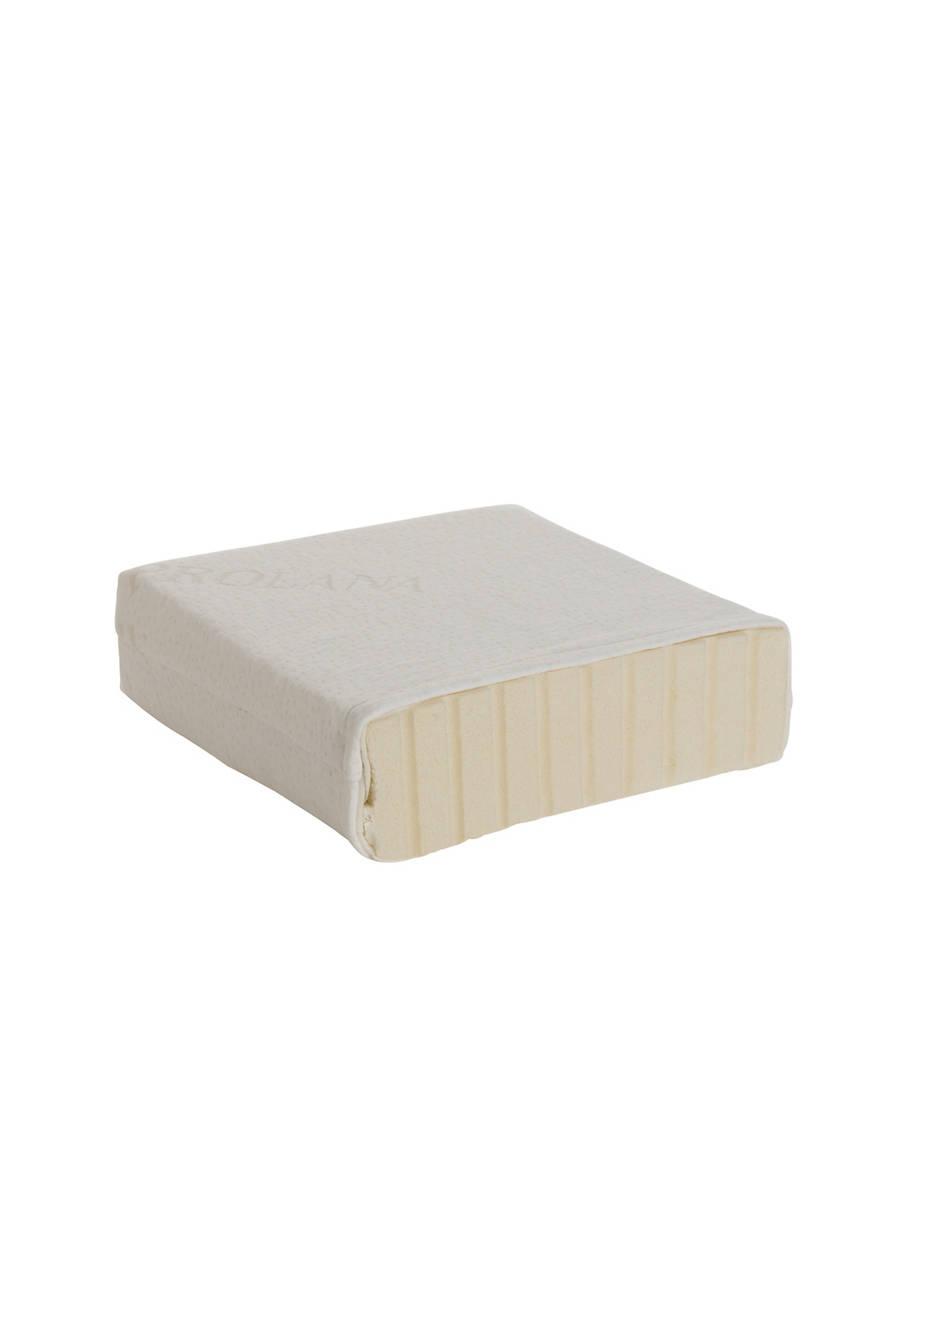 Matratzentopper Standard weich